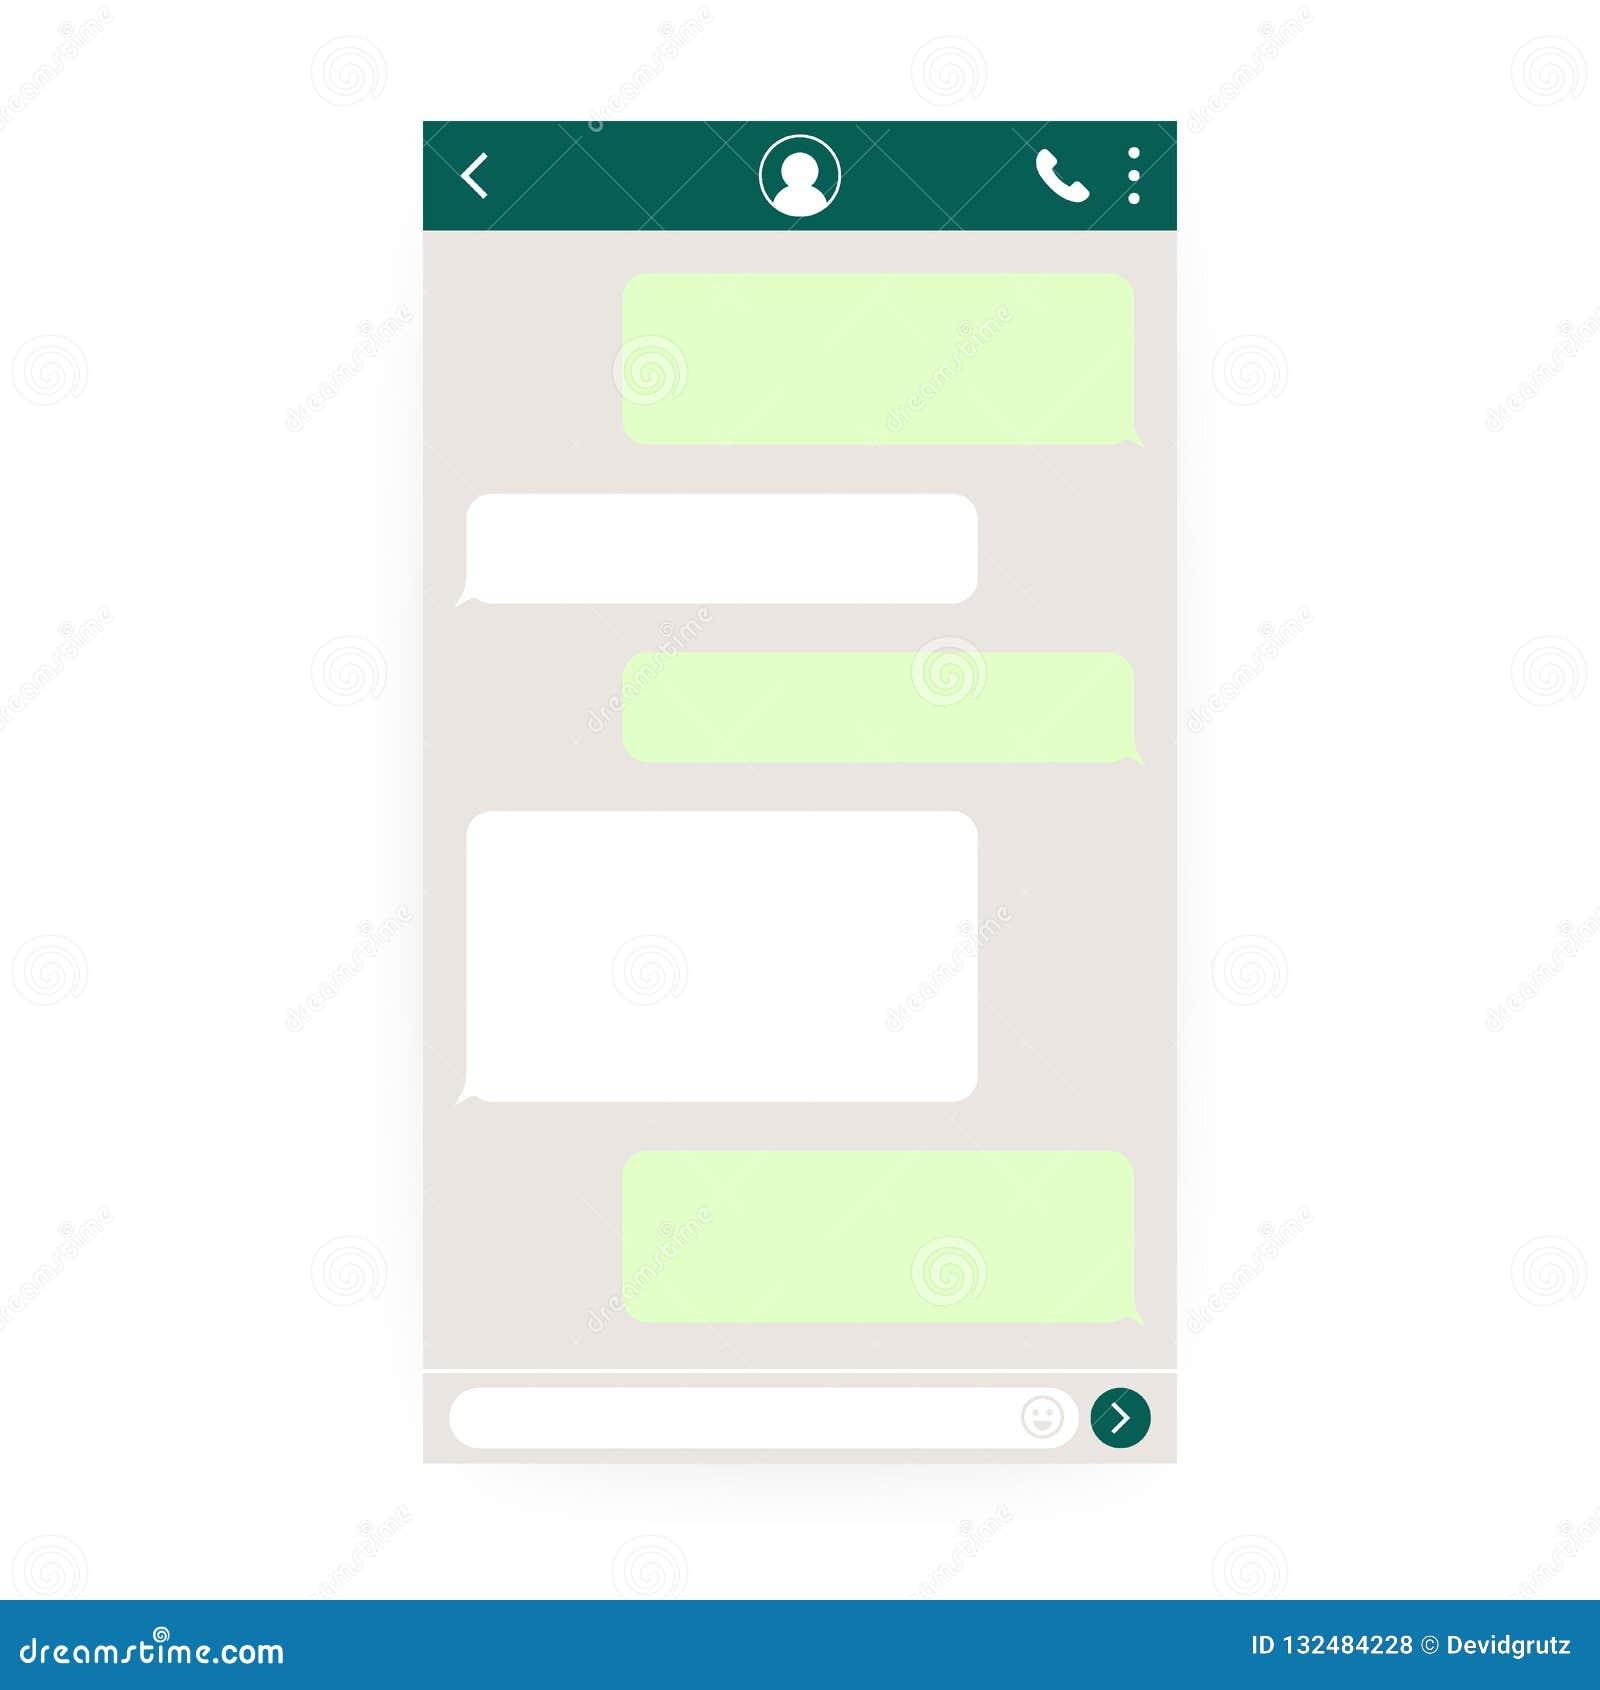 Модель-макет передвижного посыльного Шаблон app болтовни принципиальная схема цифрово произвела высокий social res сети изображен